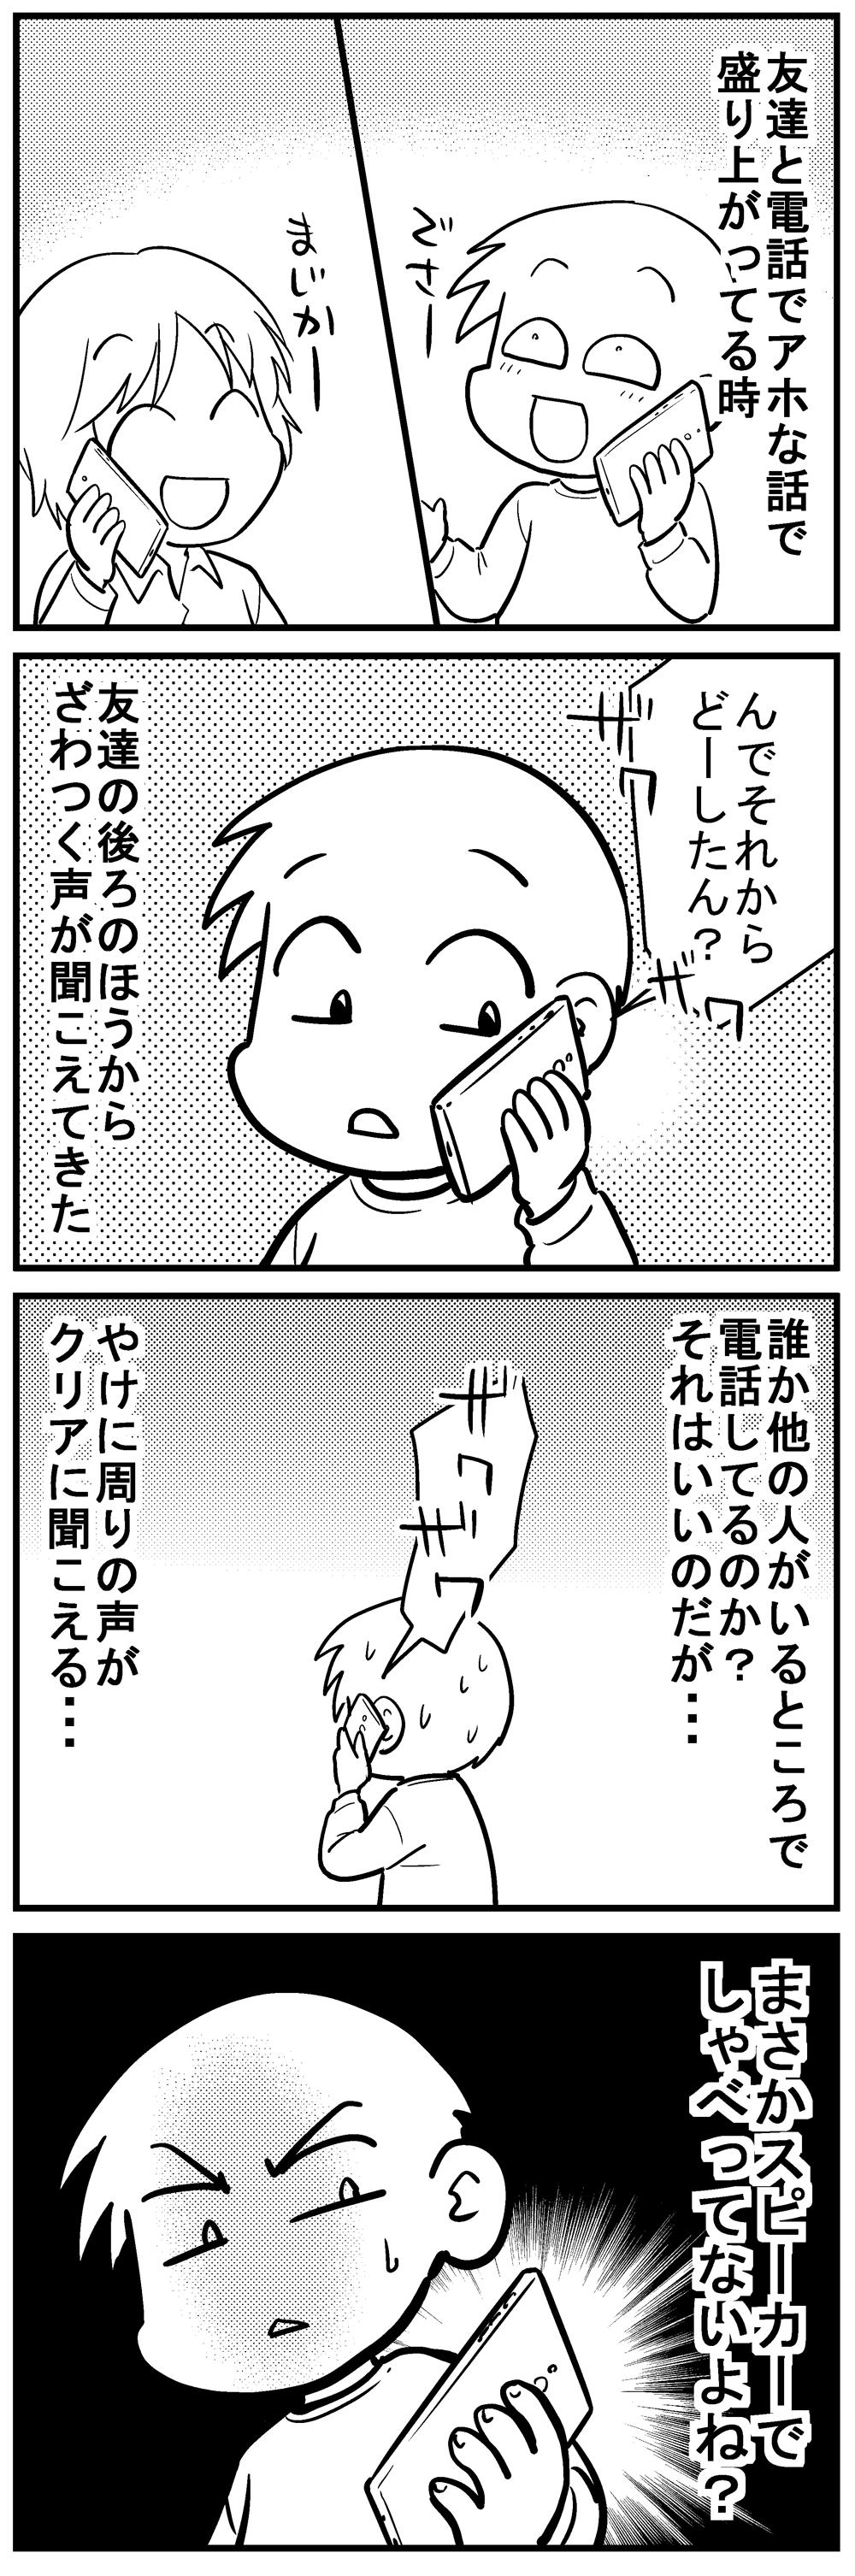 深読みくん127-1